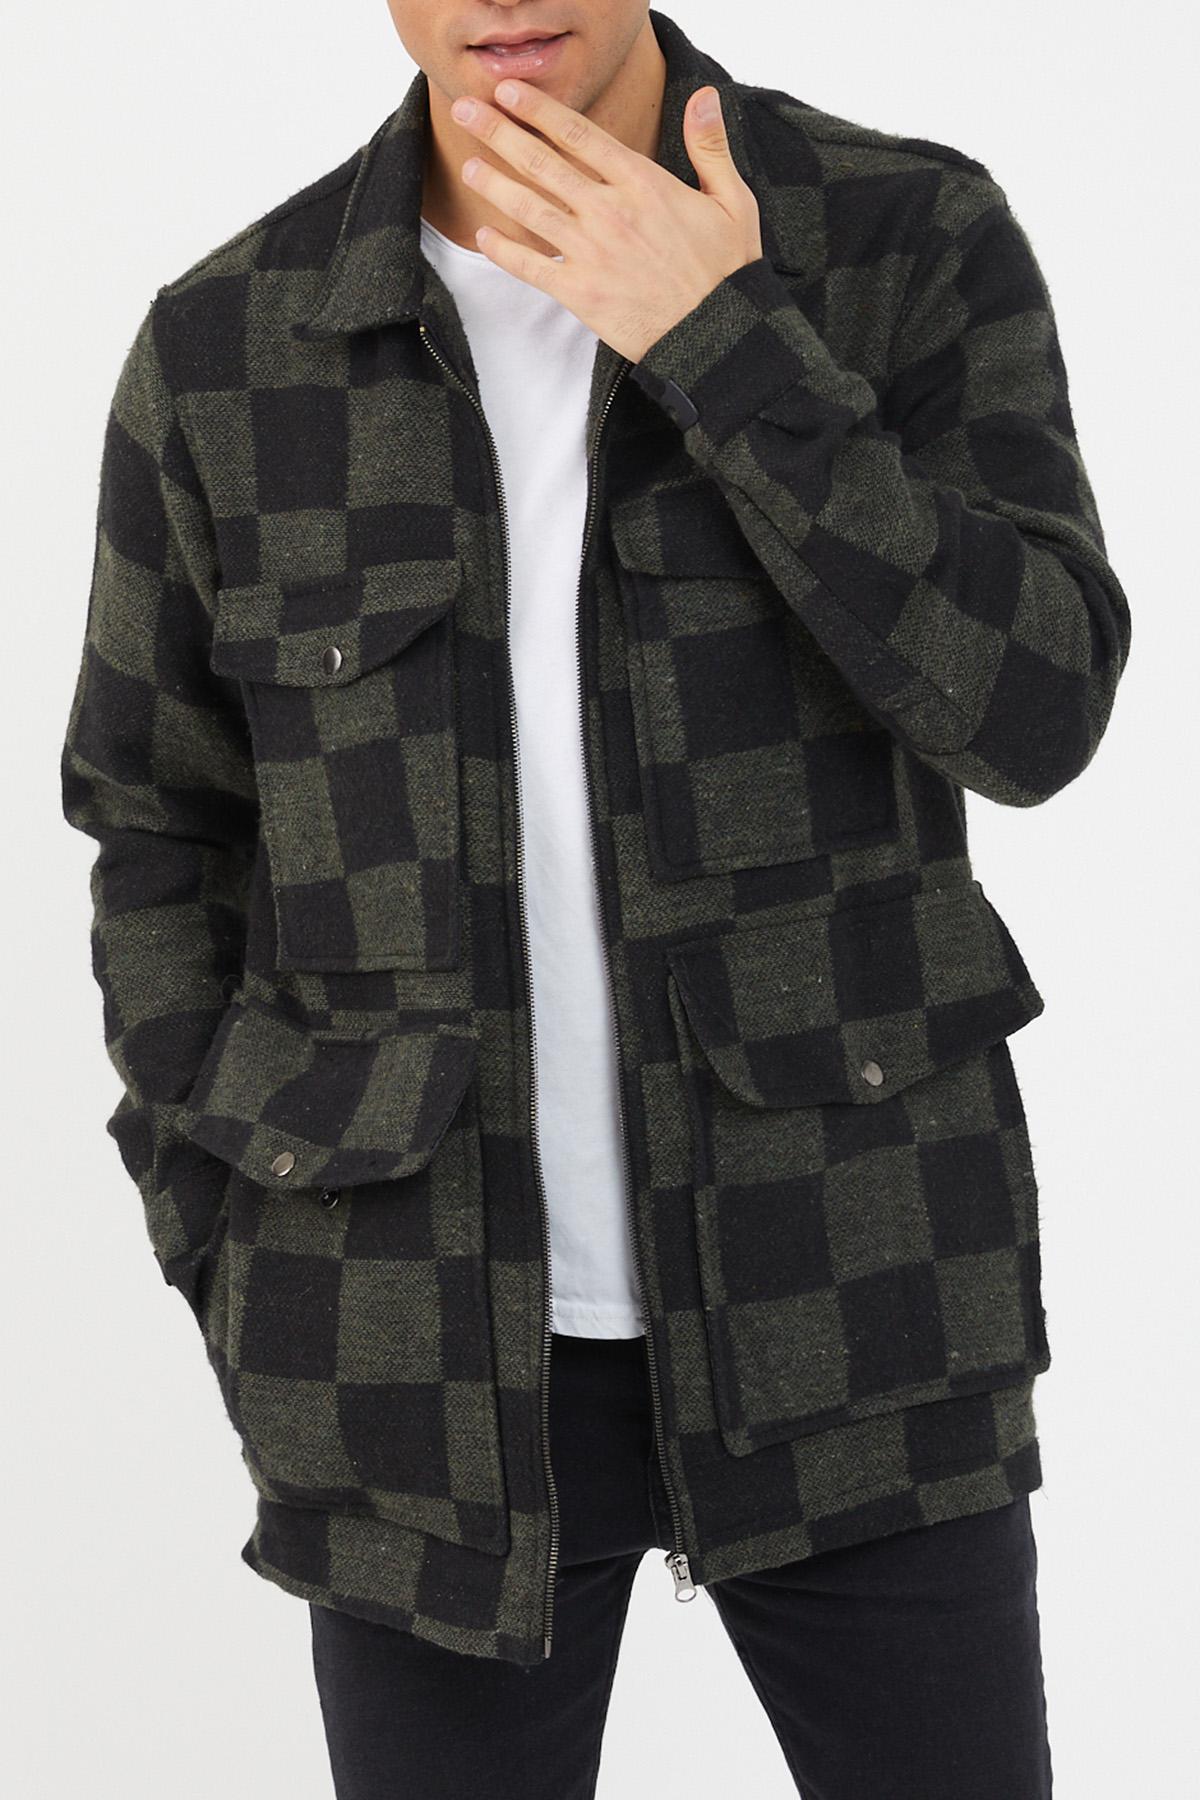 XHAN - Haki Siyah Ekose Fermuarlı Ceket 1KXE4-44461-09